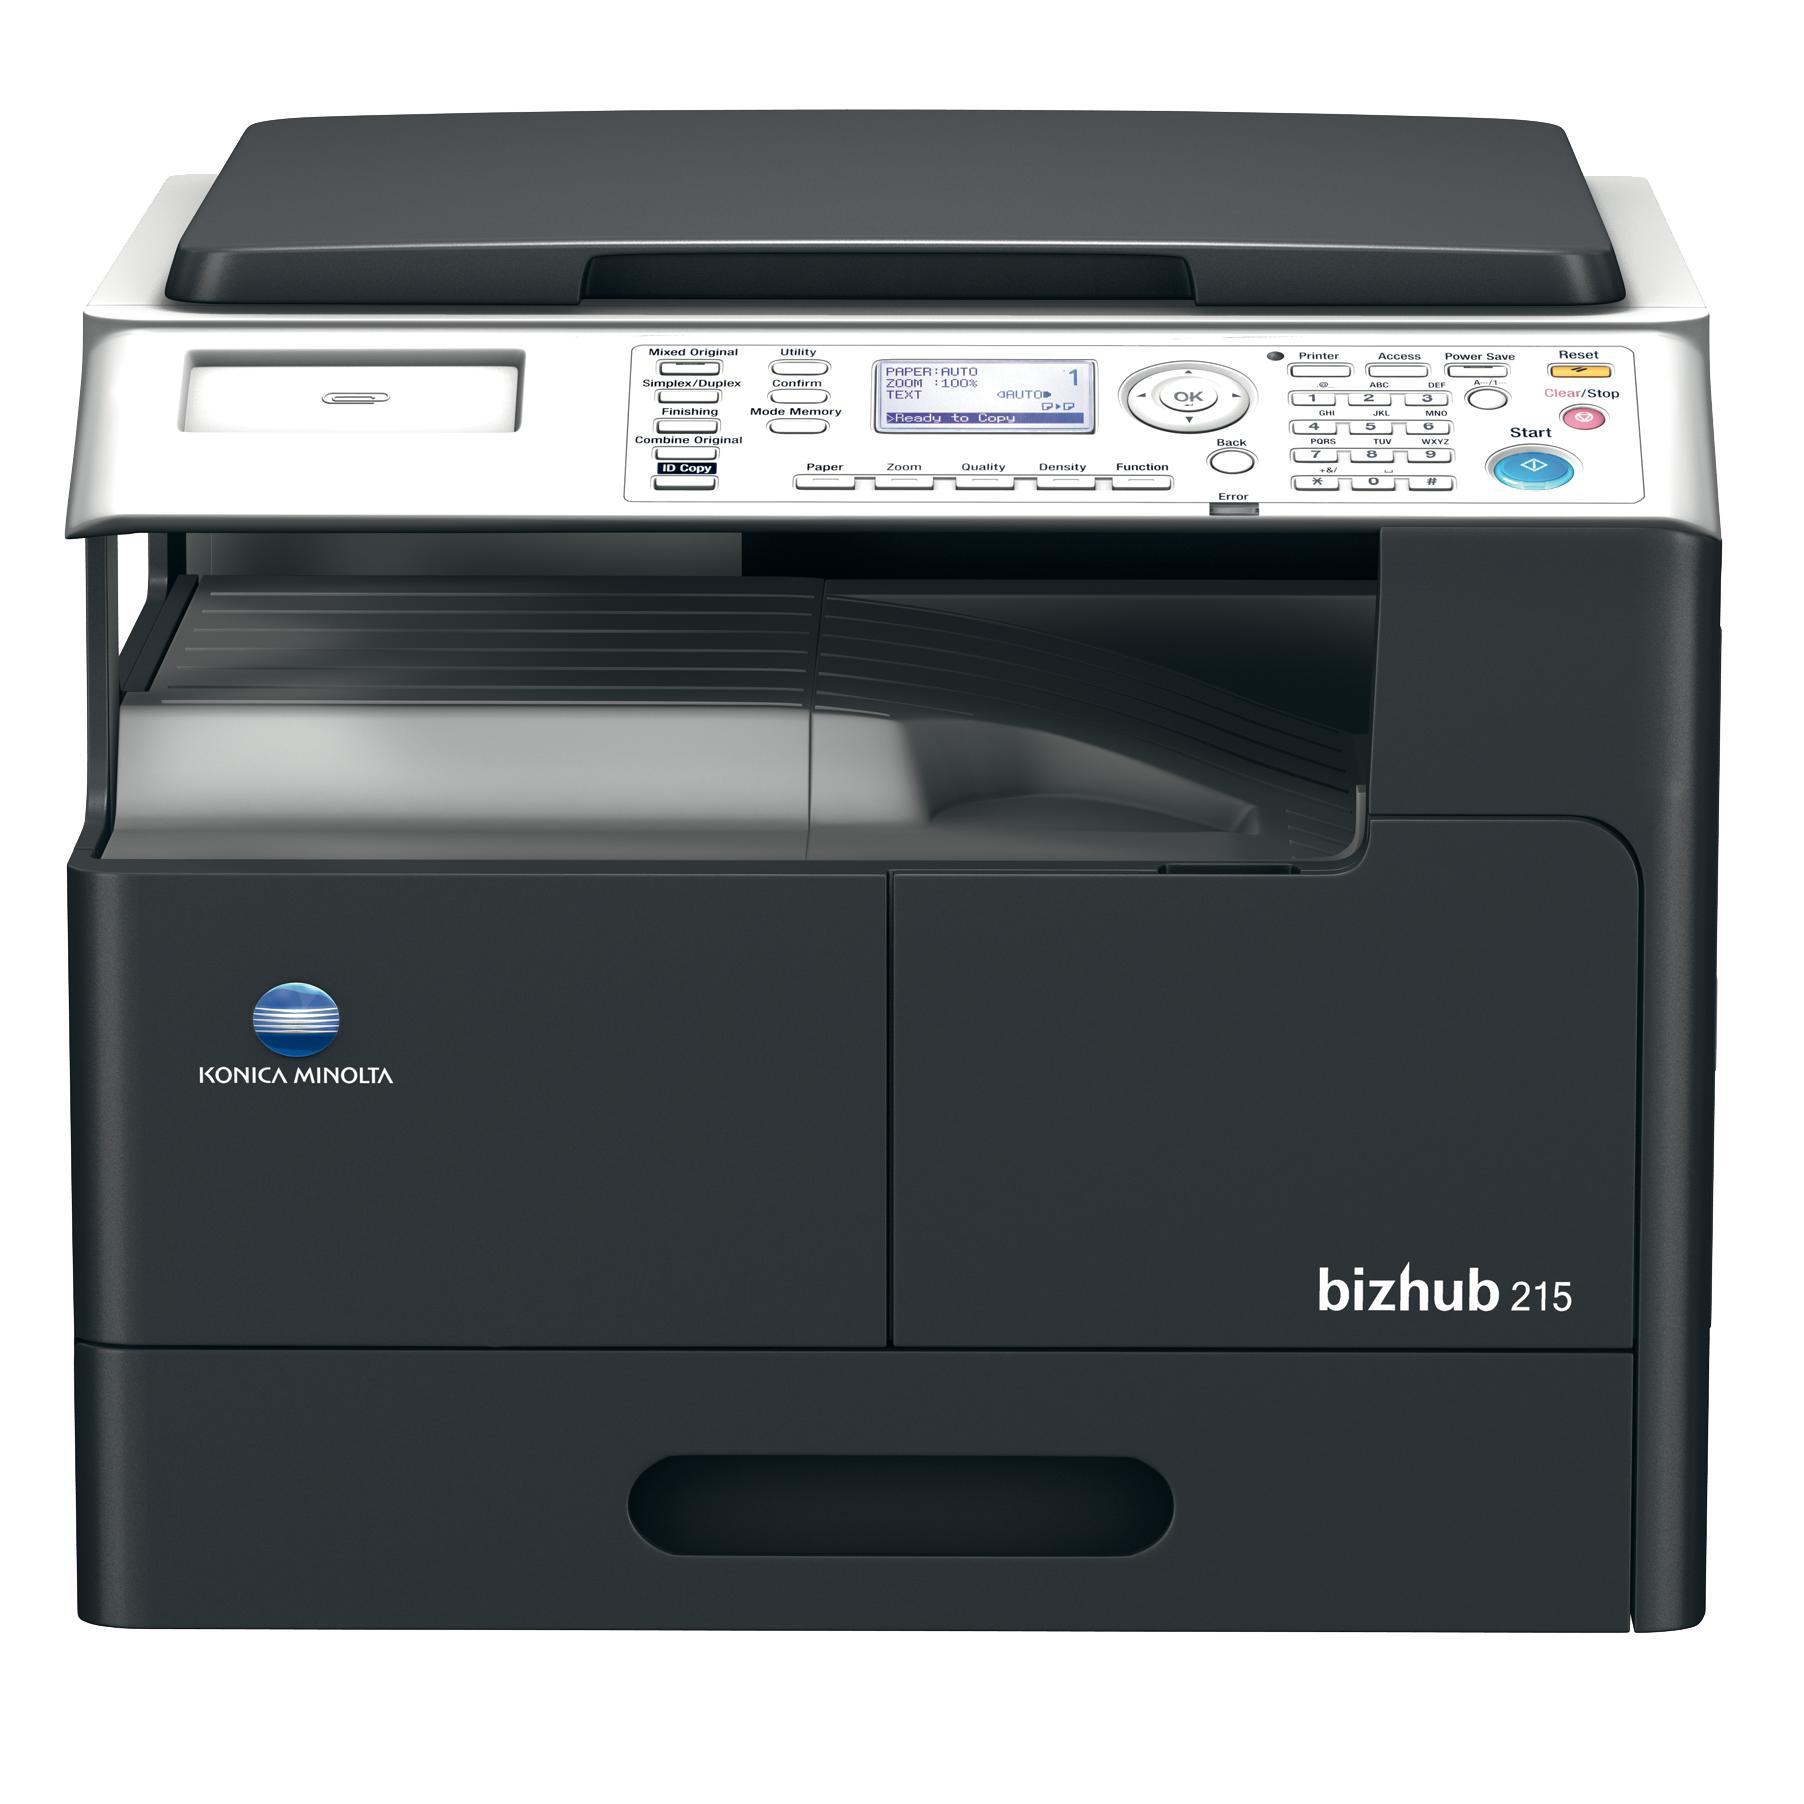 bizhub215-2